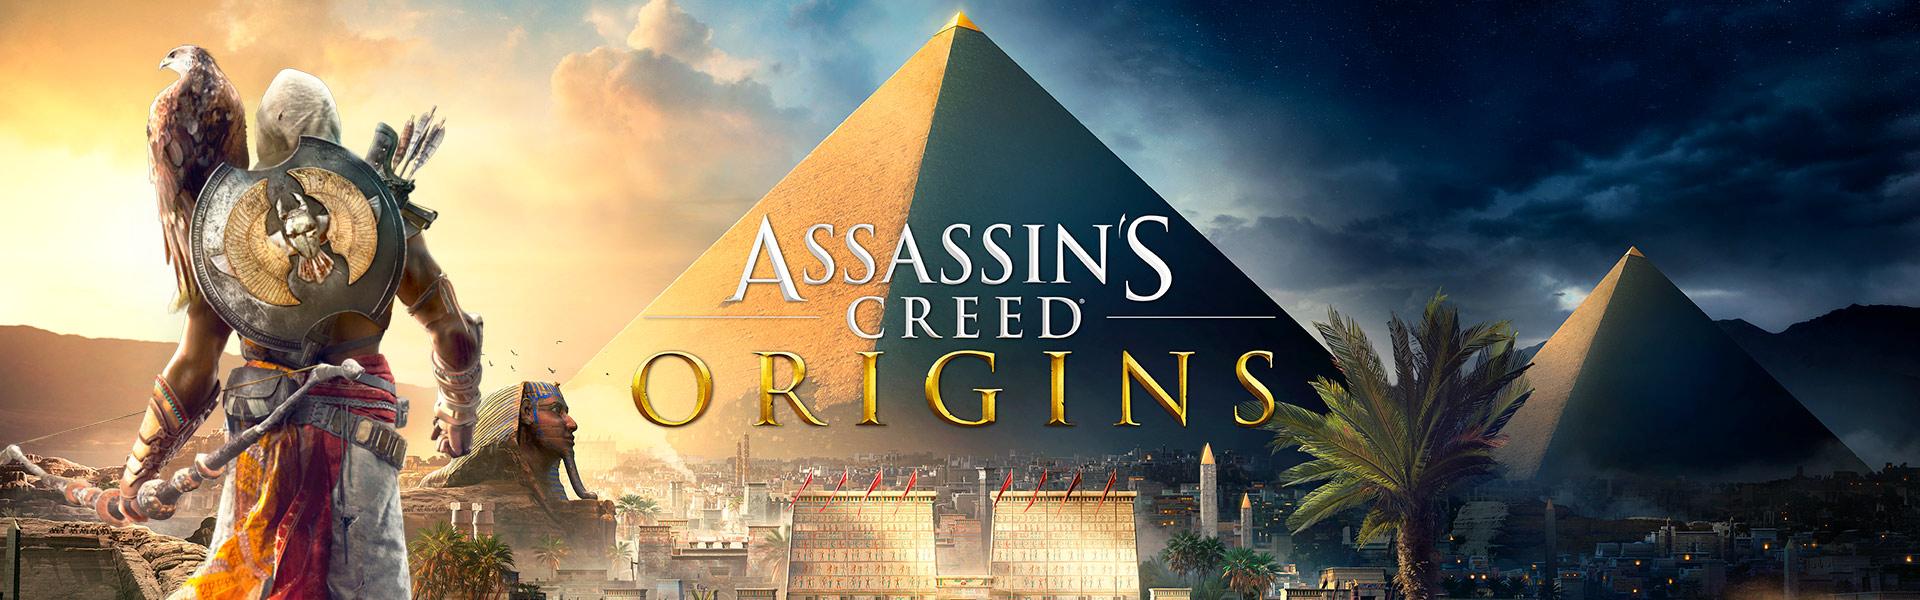 Rendez-vous le 29 septembre pour un nouveau trailer d'Assassin's Creed Origins !!!